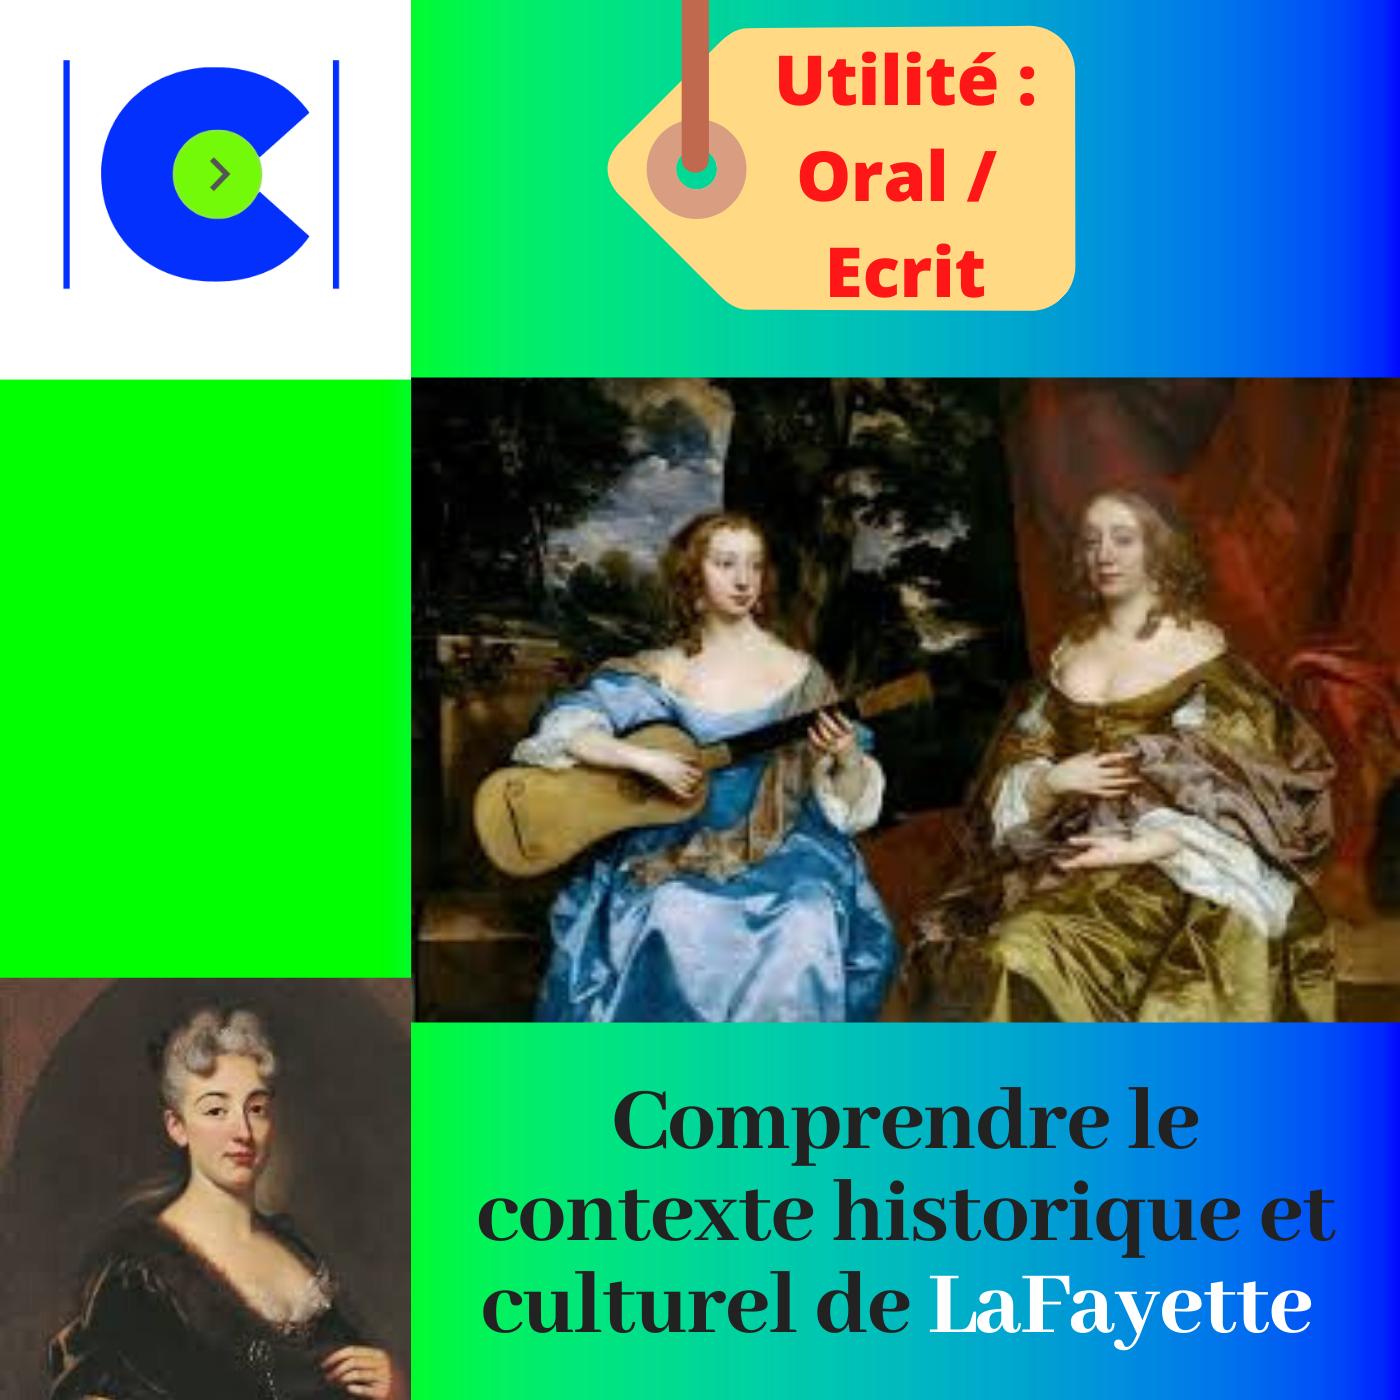 Comprendre le contexte historique et culturel de Madame de Lafayette.